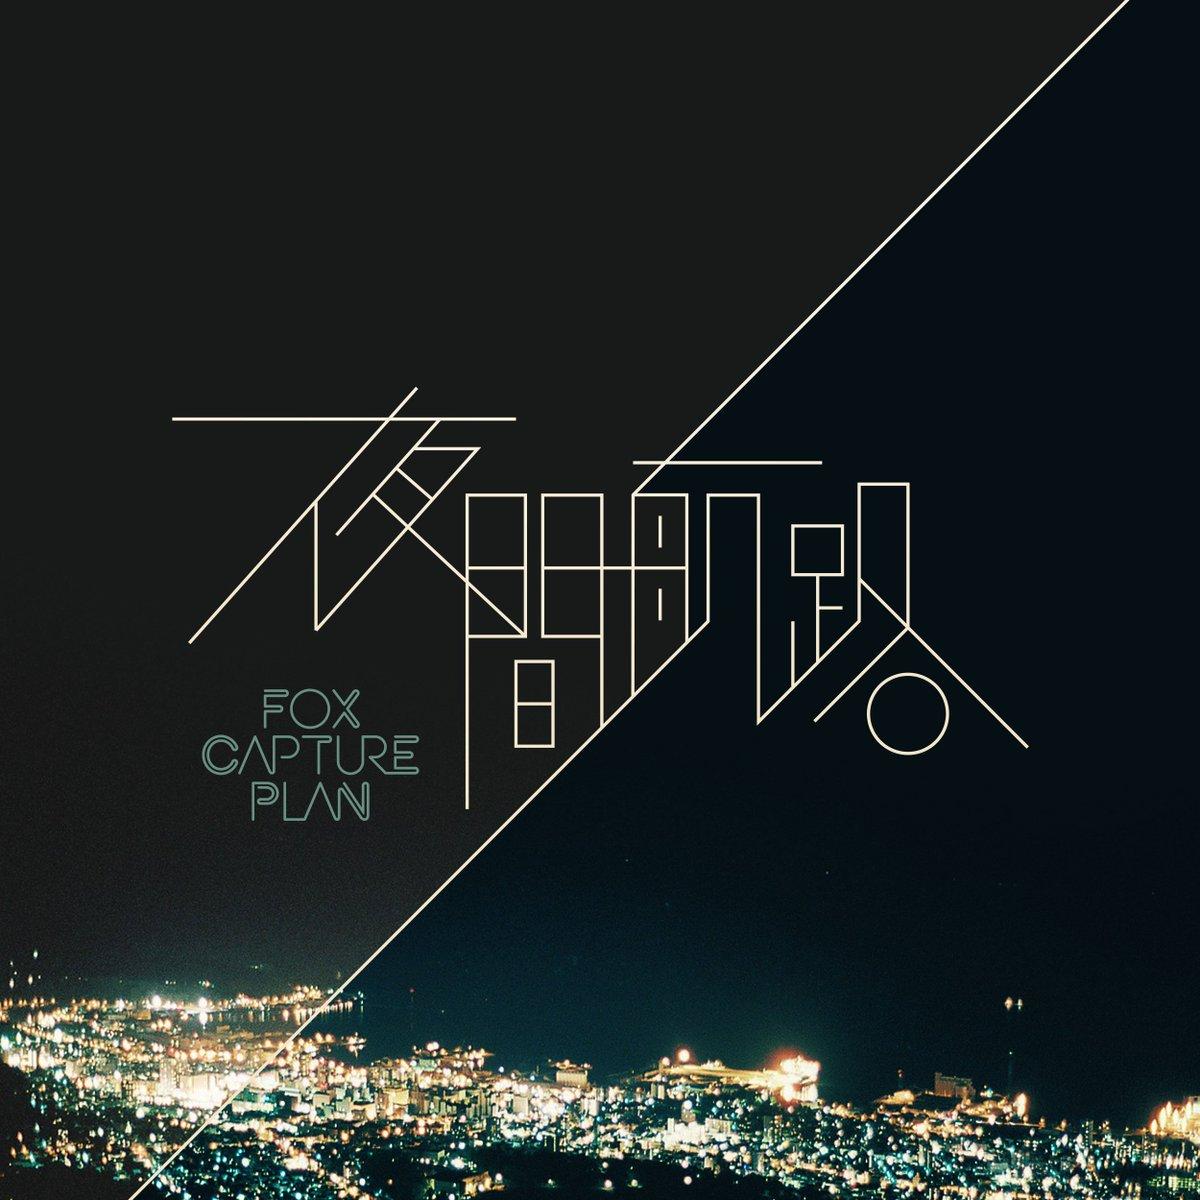 「夜間航路」配信中🎧✨▼Apple Music @AppleMusicJapan#fcp #foxcaptureplan #夜間航路 #nightcruise #applemusic #狐捕獲計画